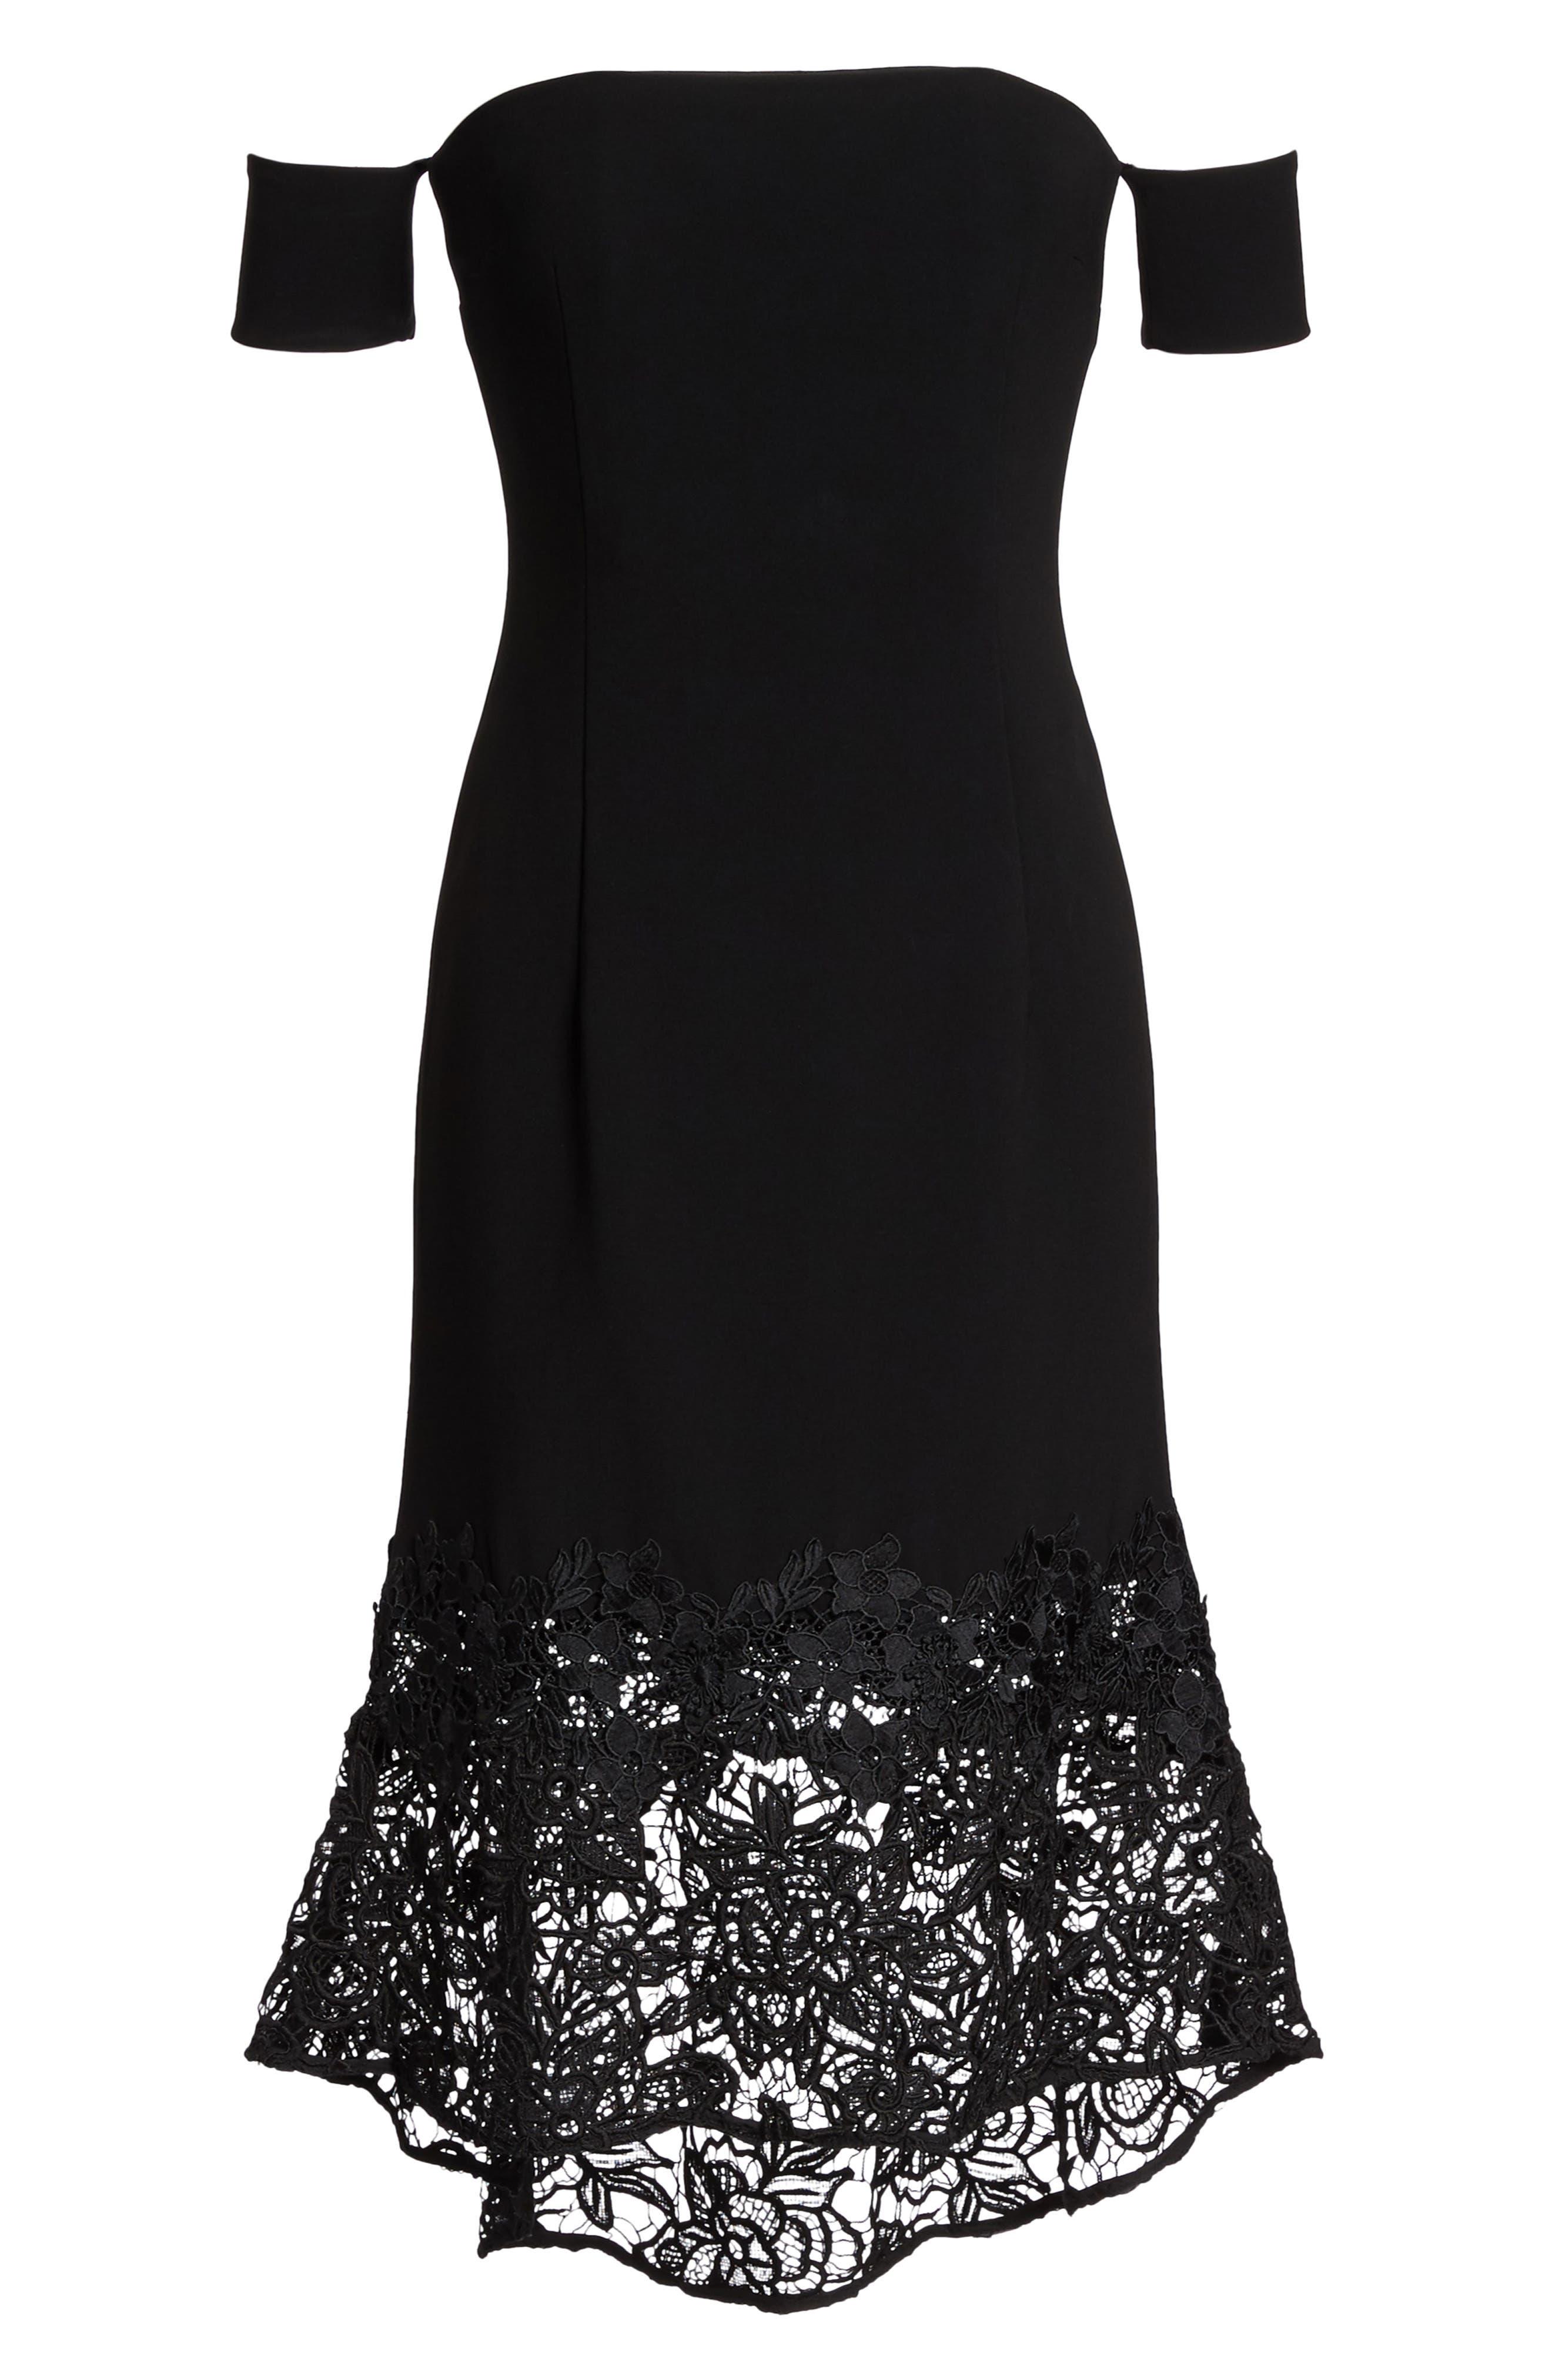 Noir Indure Lace Hem Off the Shoulder Dress,                             Alternate thumbnail 6, color,                             001